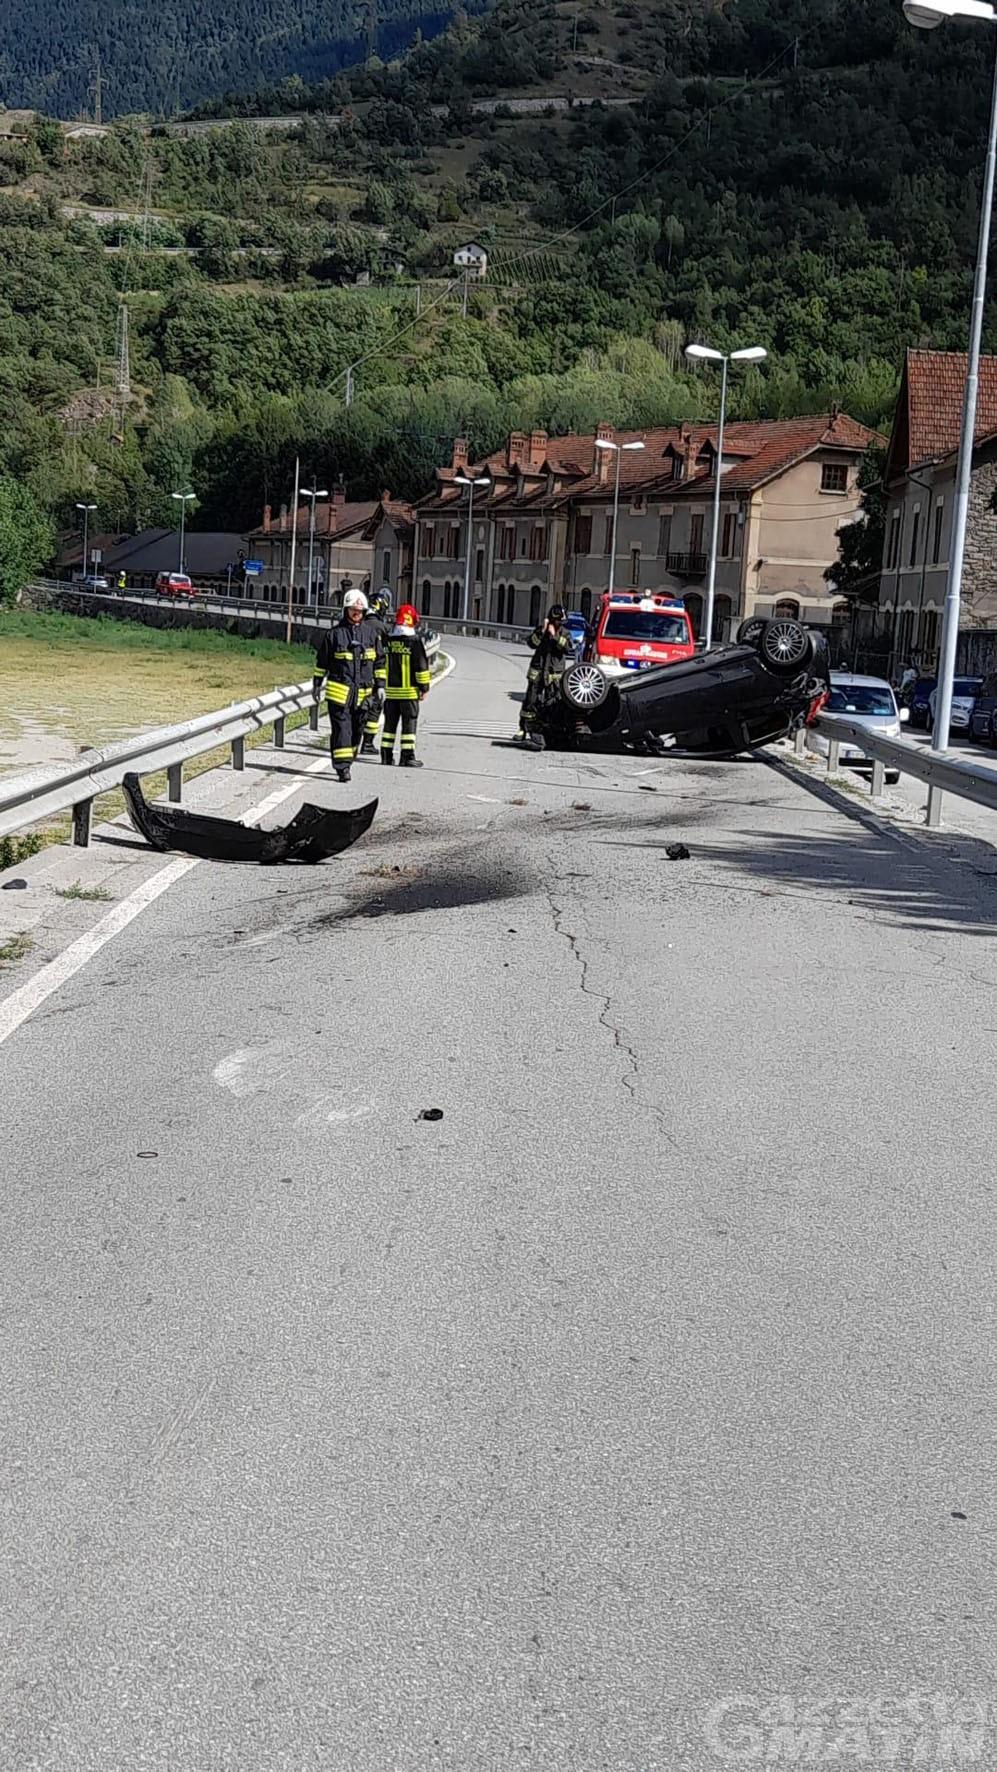 Incidenti stradali: un automobilista e due motociclisti in pronto soccorso